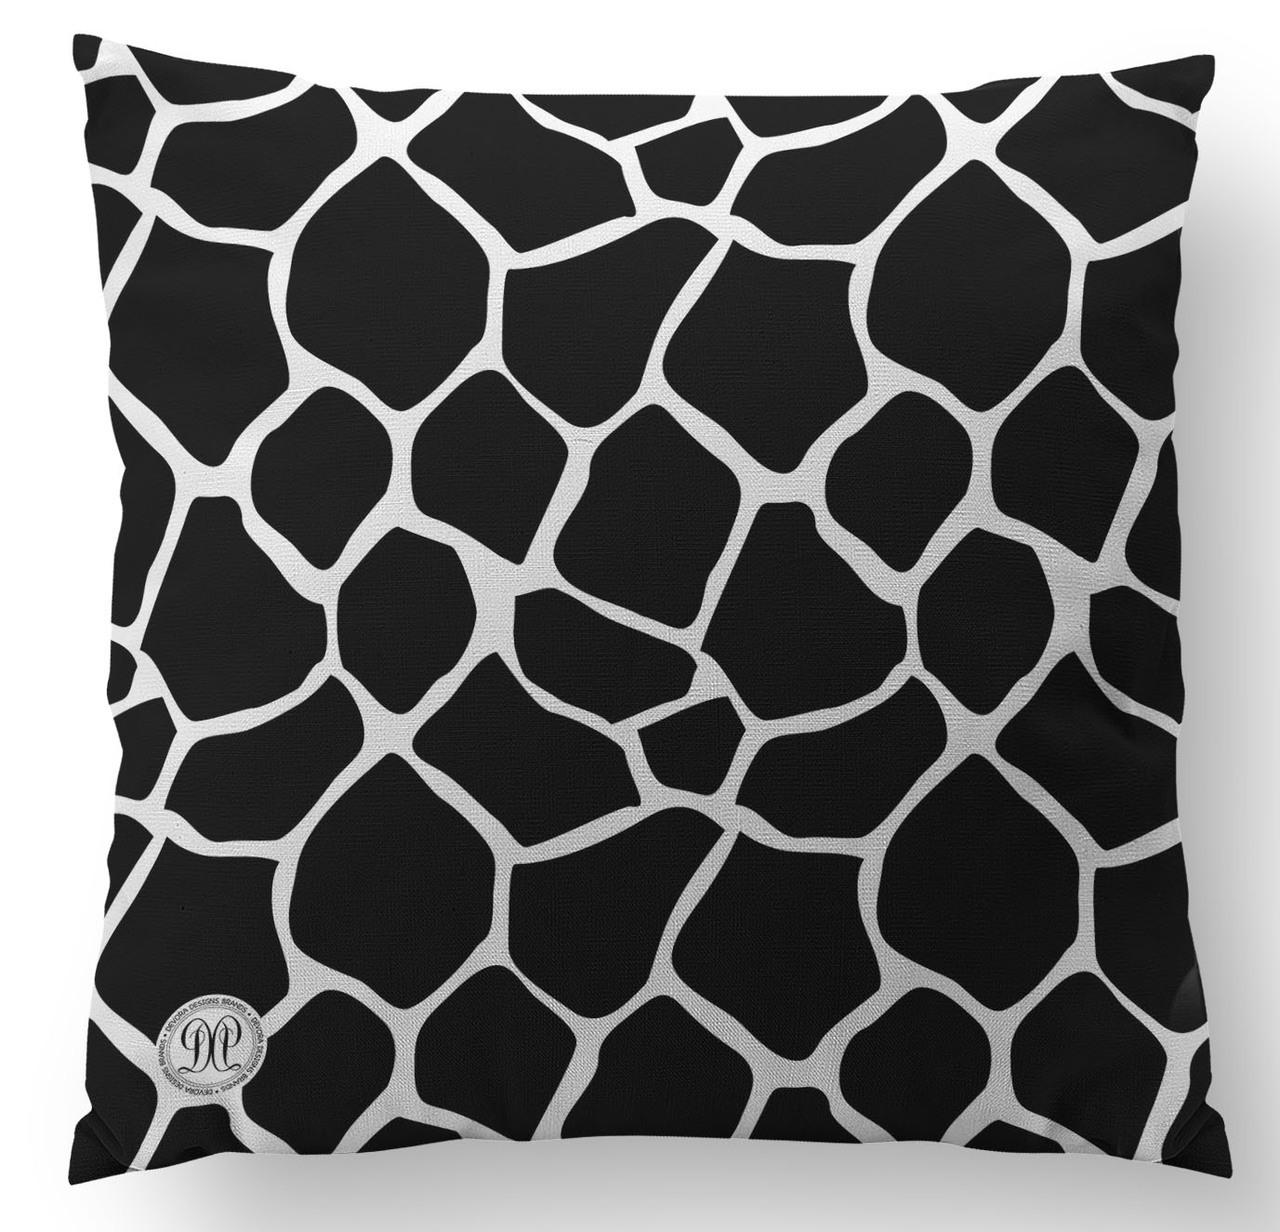 Always Kiss Me Goodnight with Giraffe Back Custom Designer Pillow - BACK